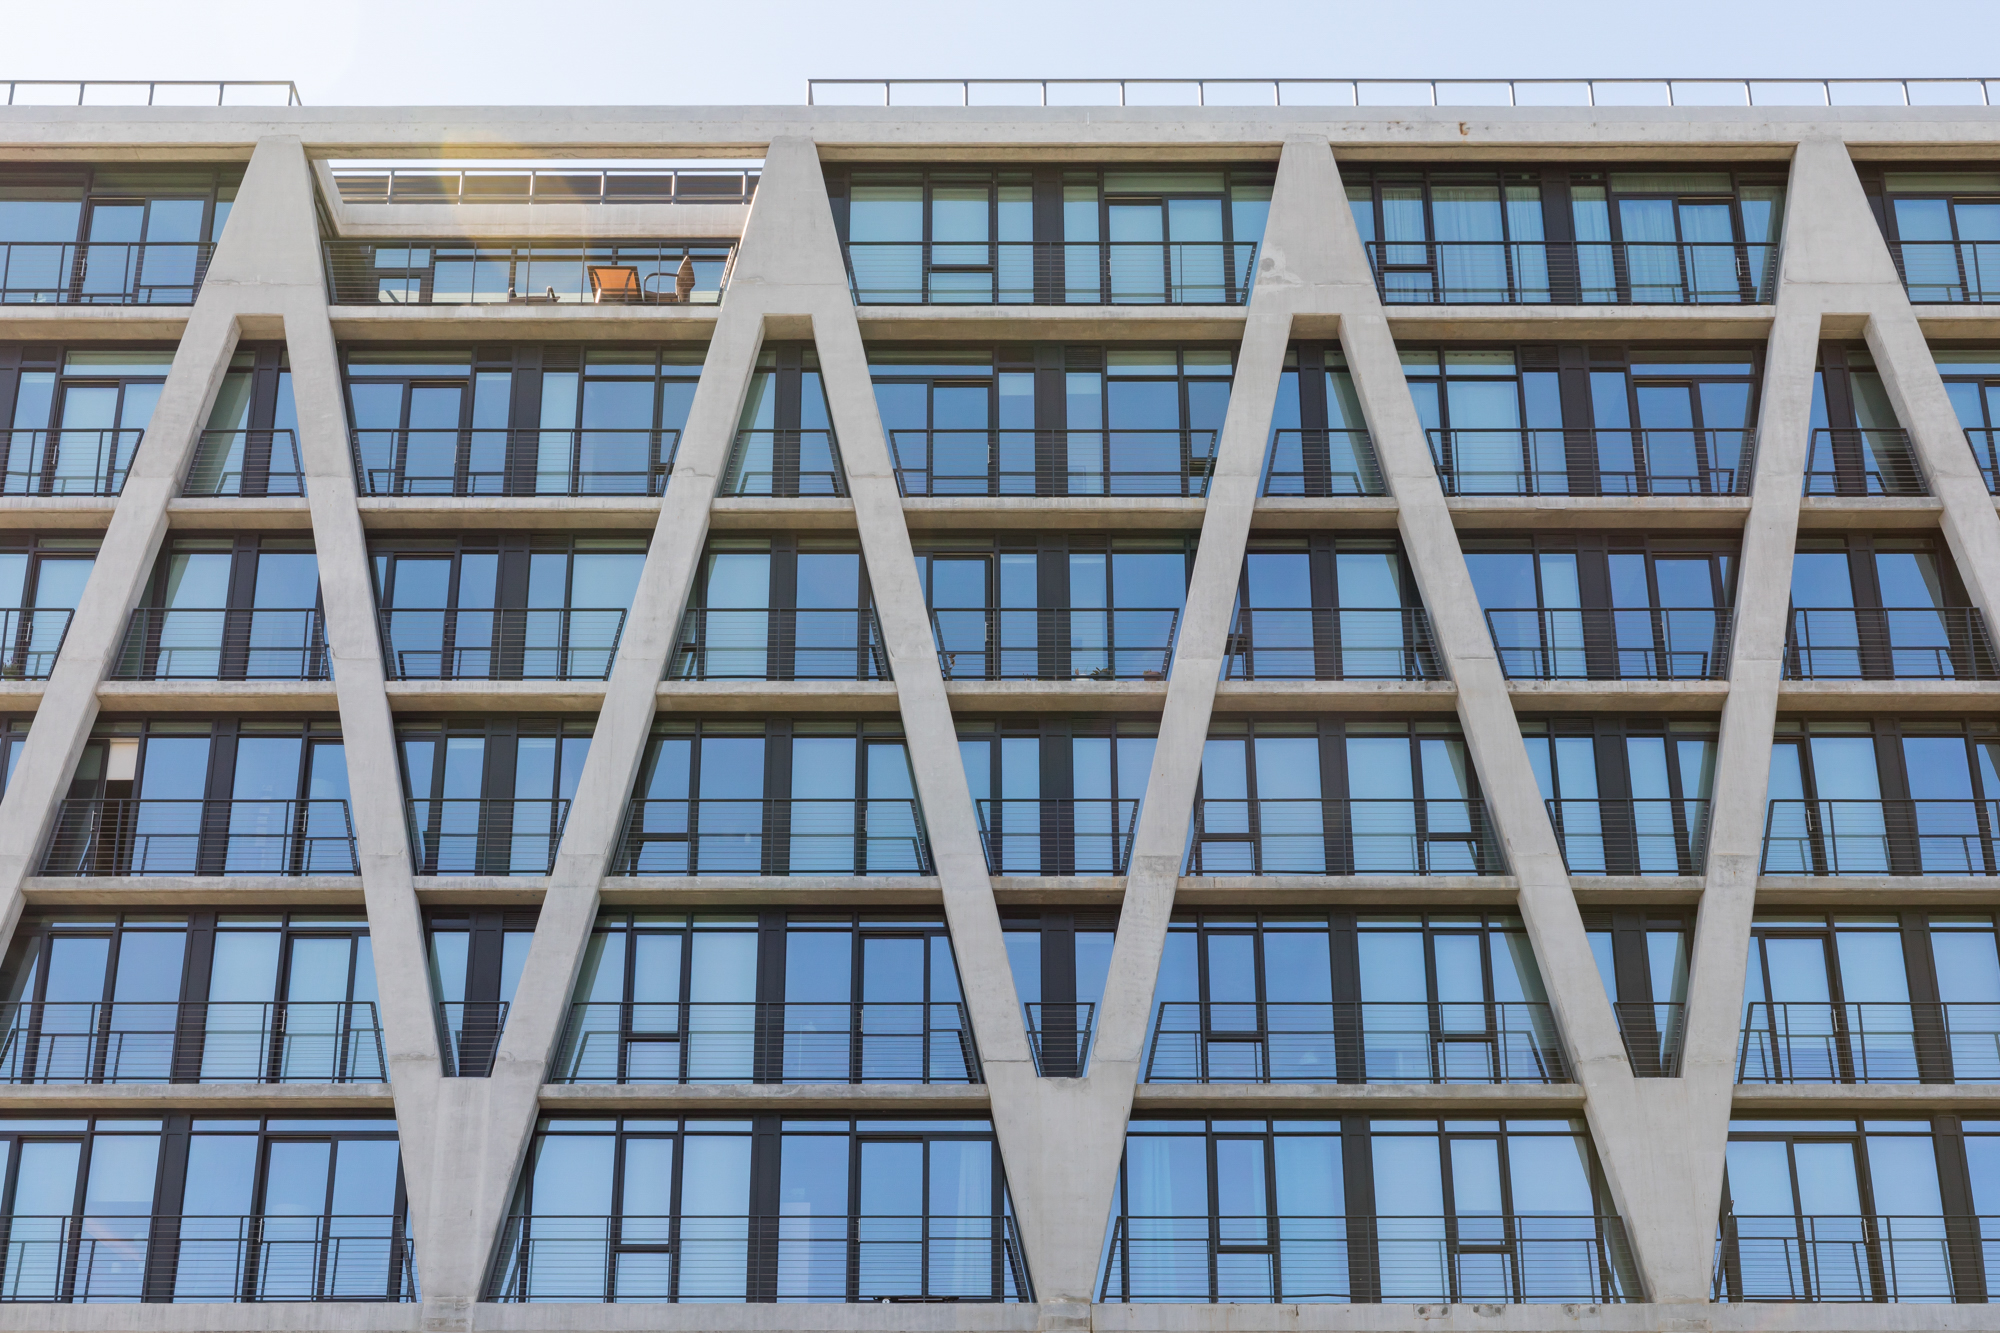 Exterior of high-rise with a grey, concrete, zig-zagging skeletal facade.